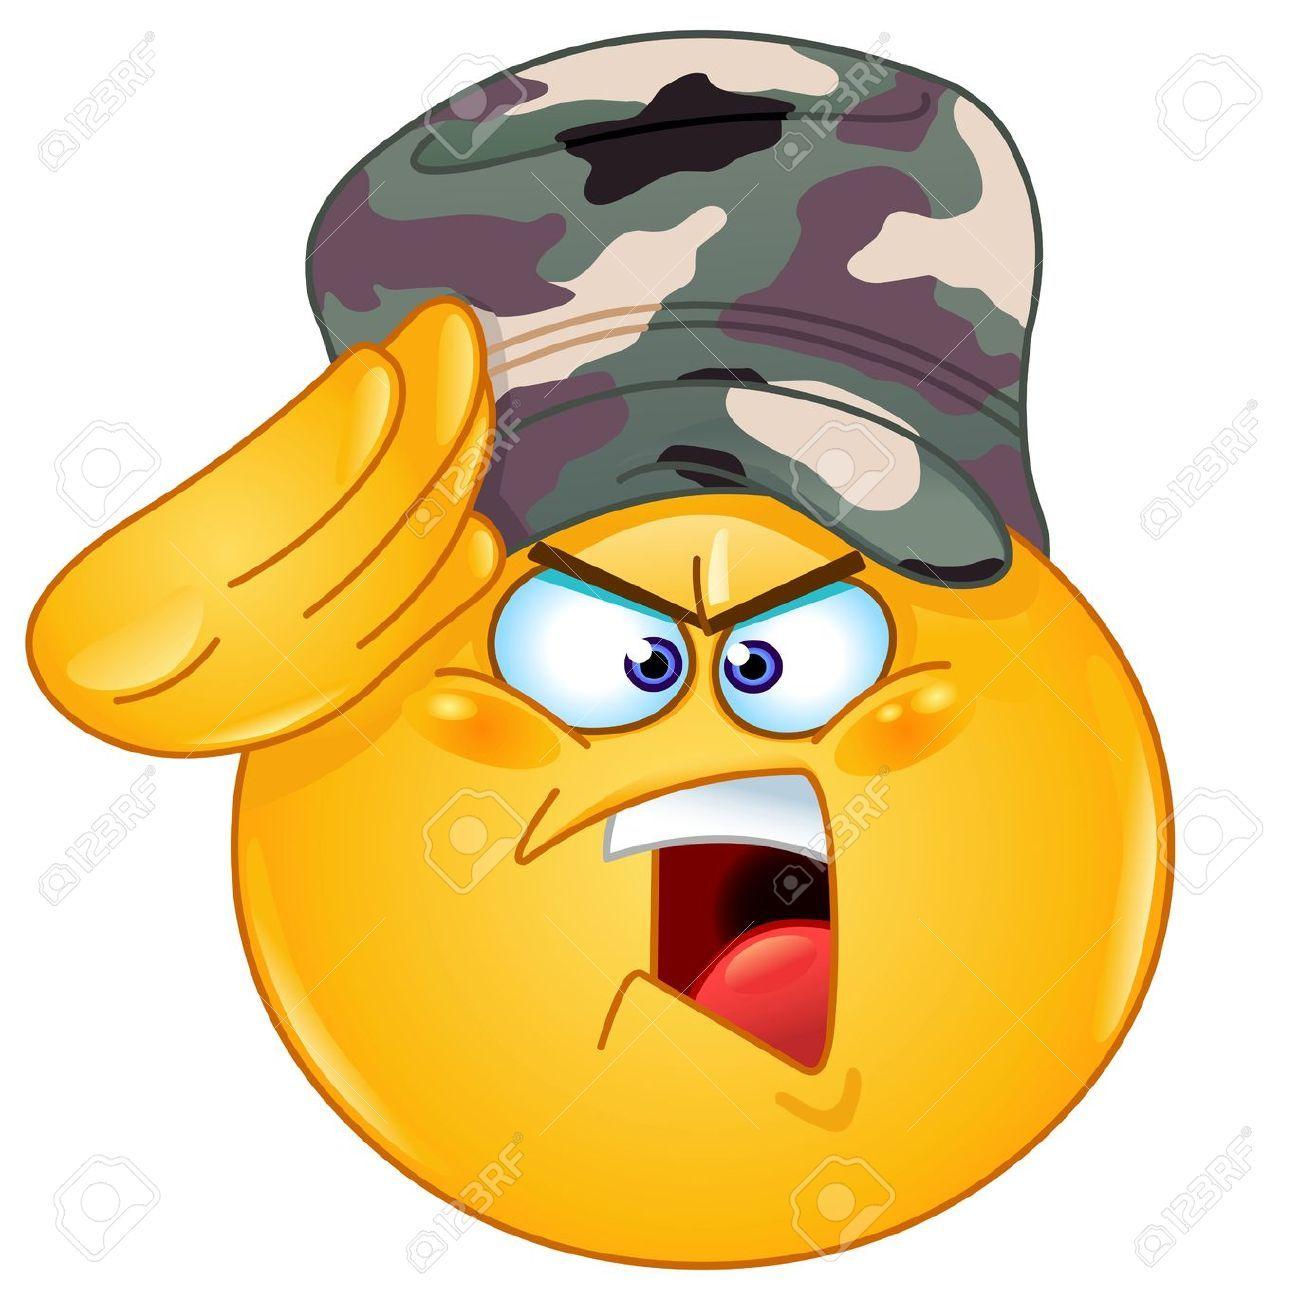 18539896 soldado saludando emoticon decir s se or foto de archivo saluting soldier smiley copy send share send in a message share on a timeline or copy and paste in your comments buycottarizona